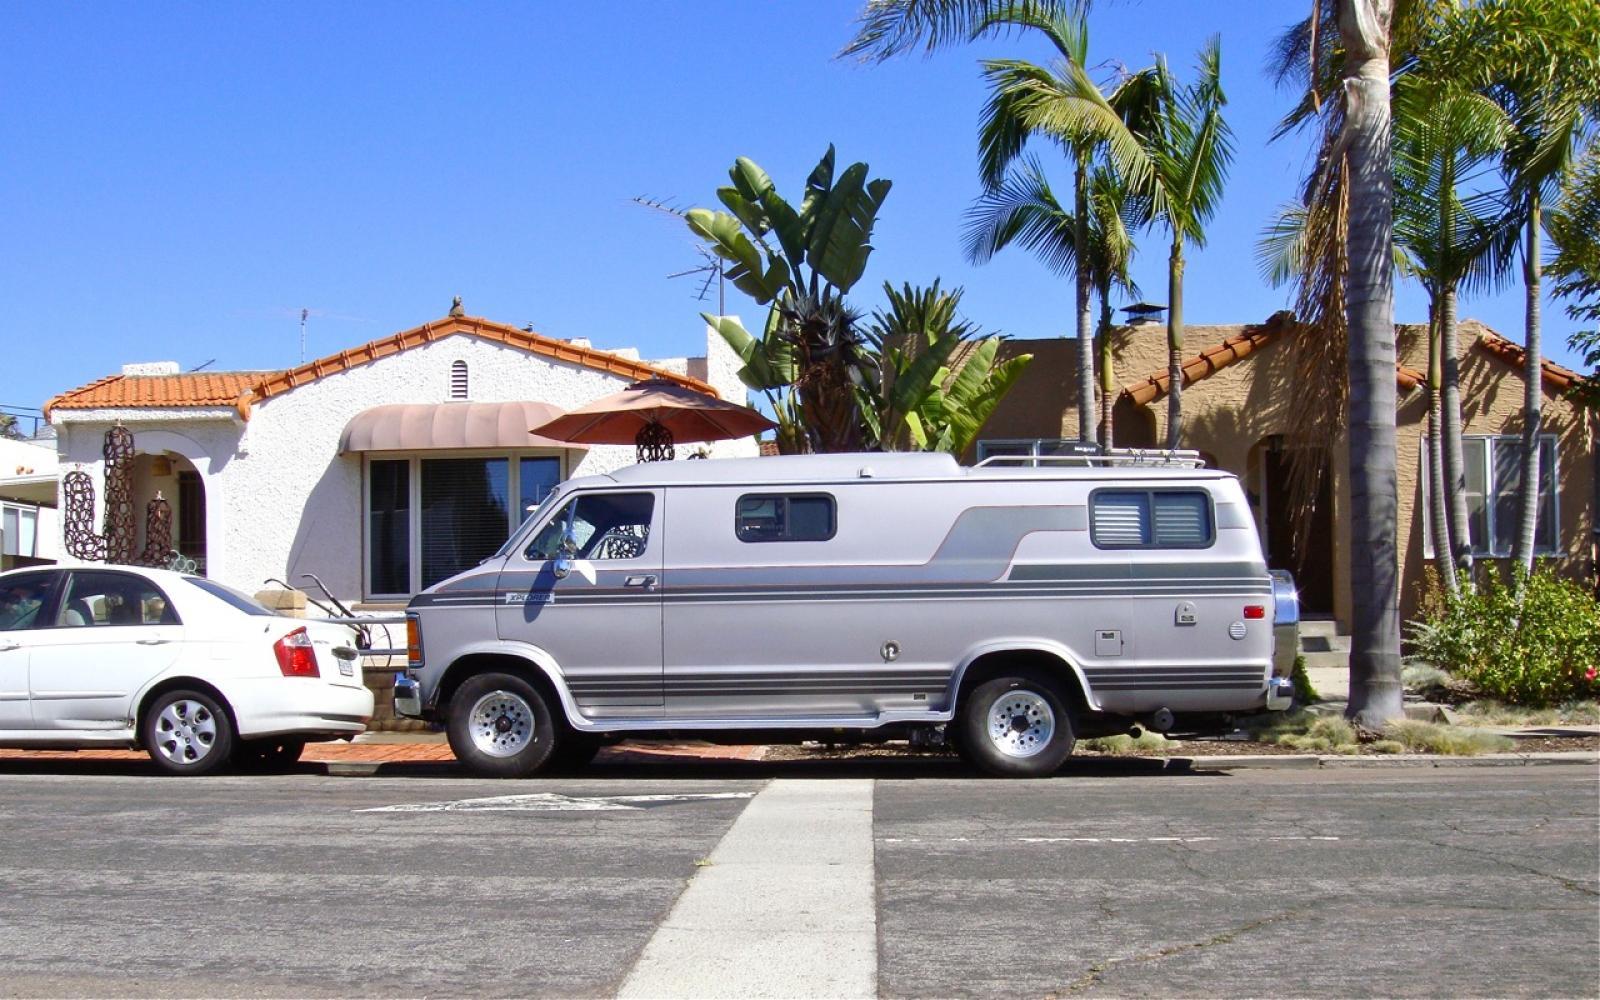 1990 Dodge Ram Wagon Information And Photos Zombiedrive 1980 Van Camper 800 1024 1280 1600 Origin